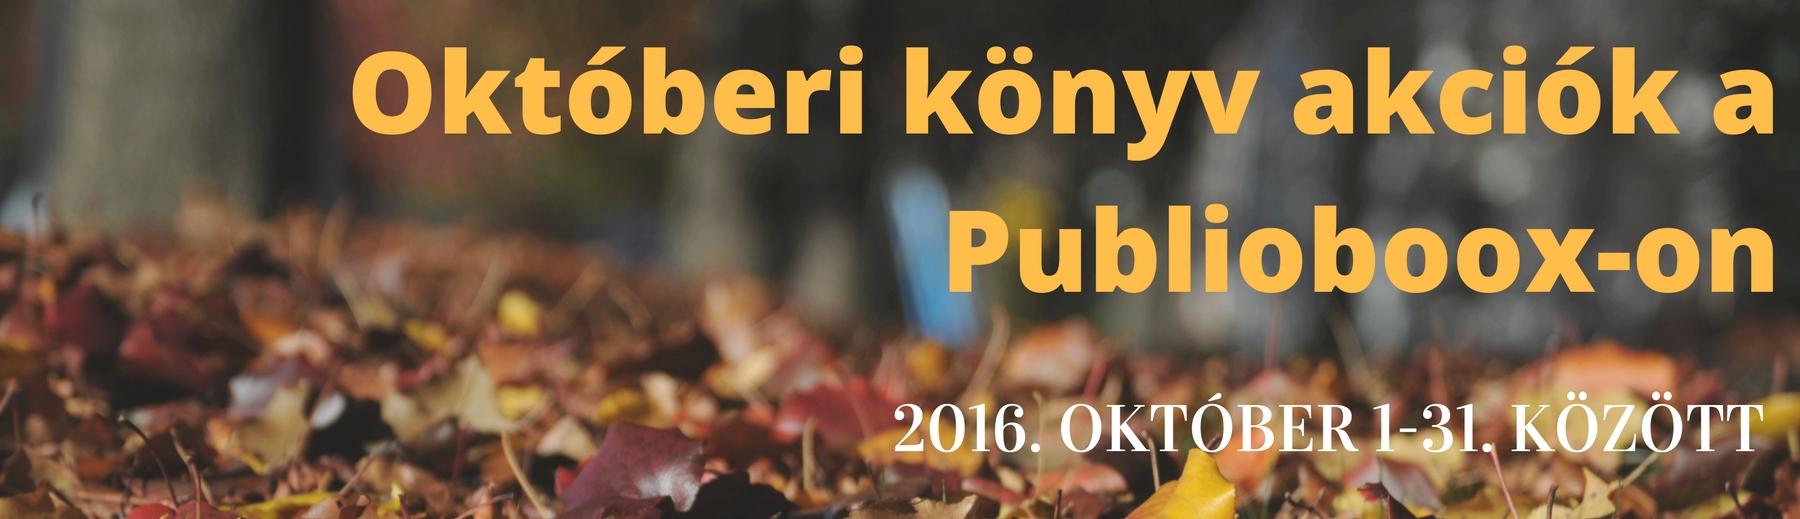 http://admin.konyvaruhaz.info/media/files/Oktober.jpg